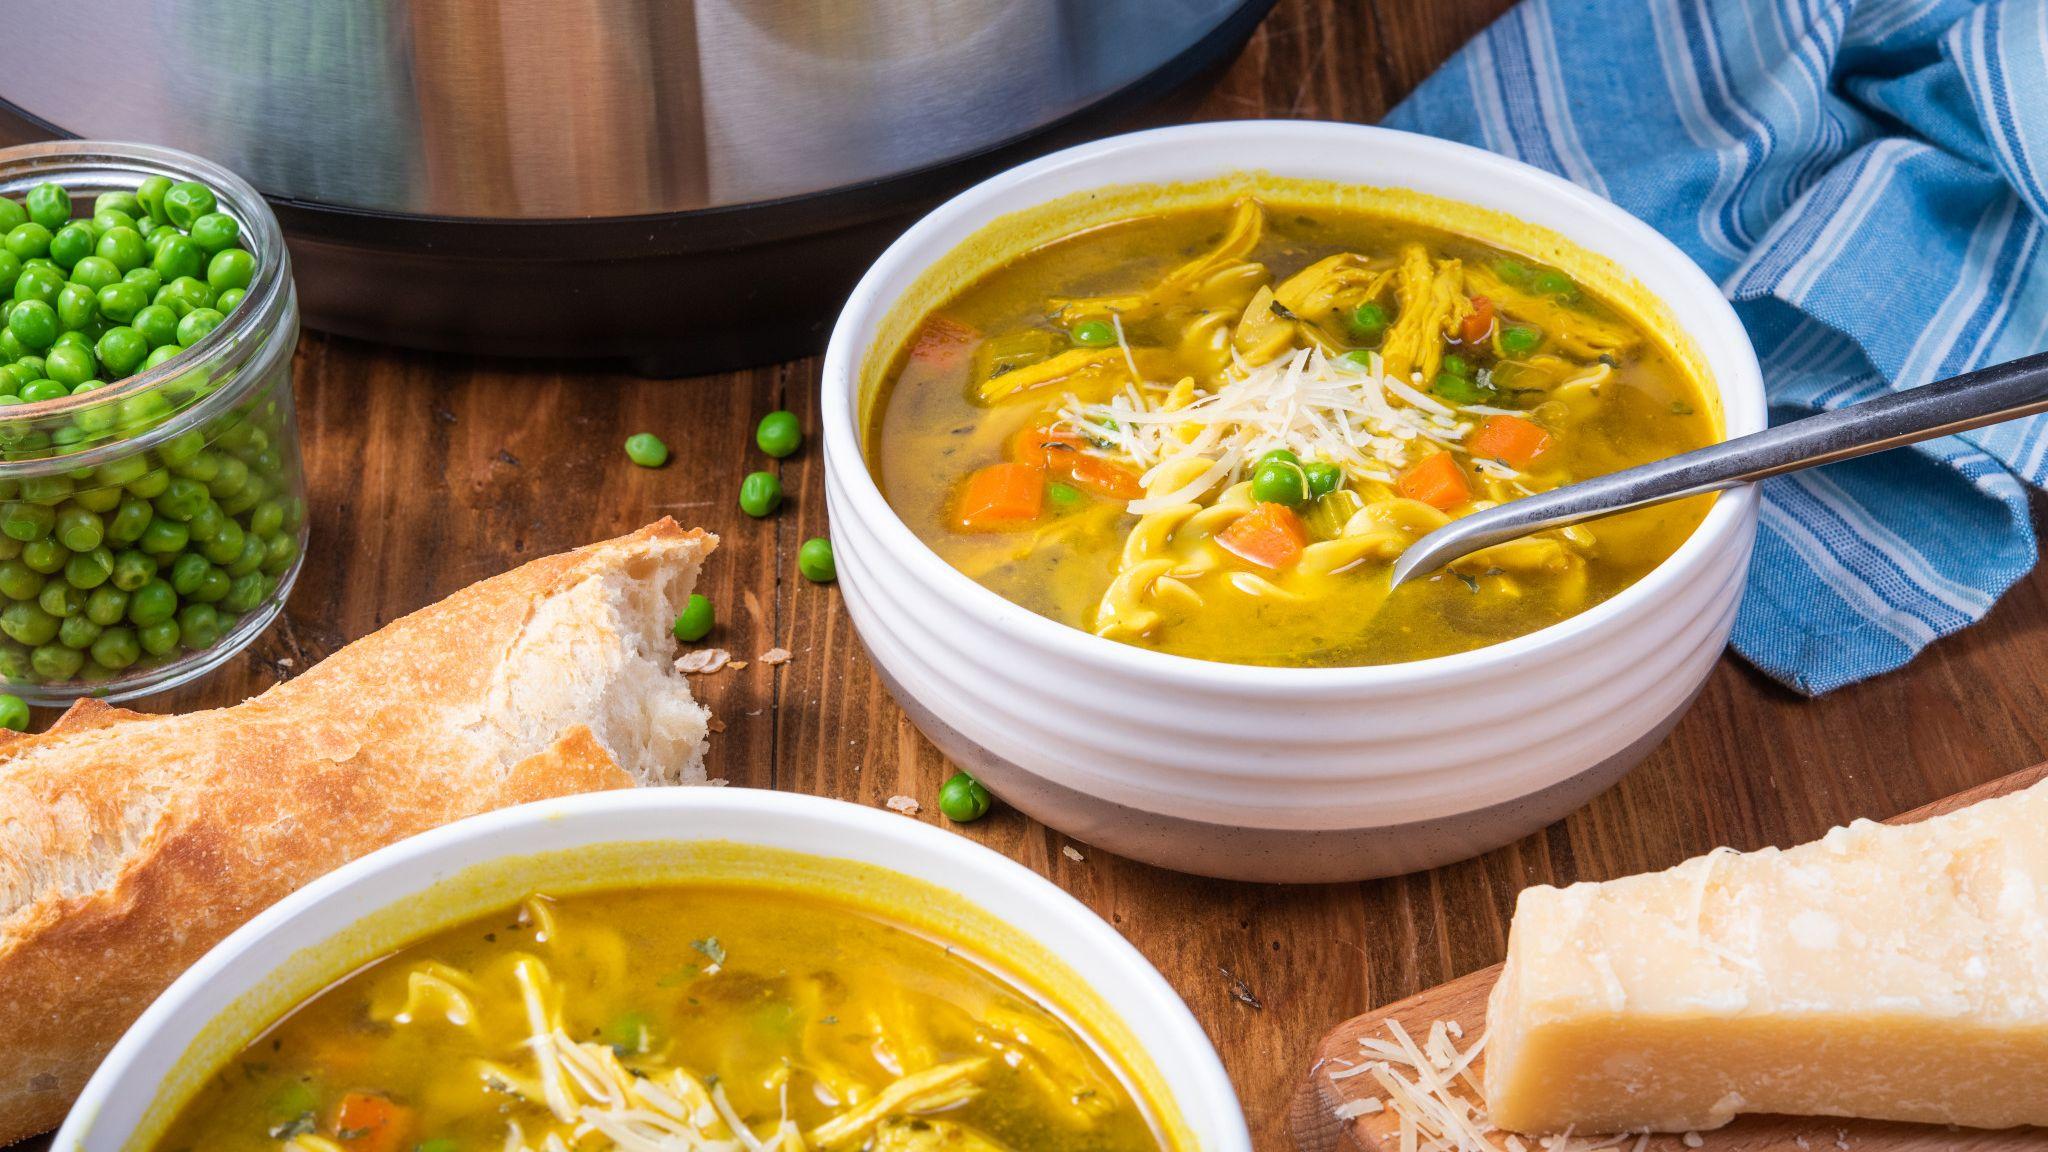 instant_pot_tumeric_chicken_noodle_soup8306.jpg